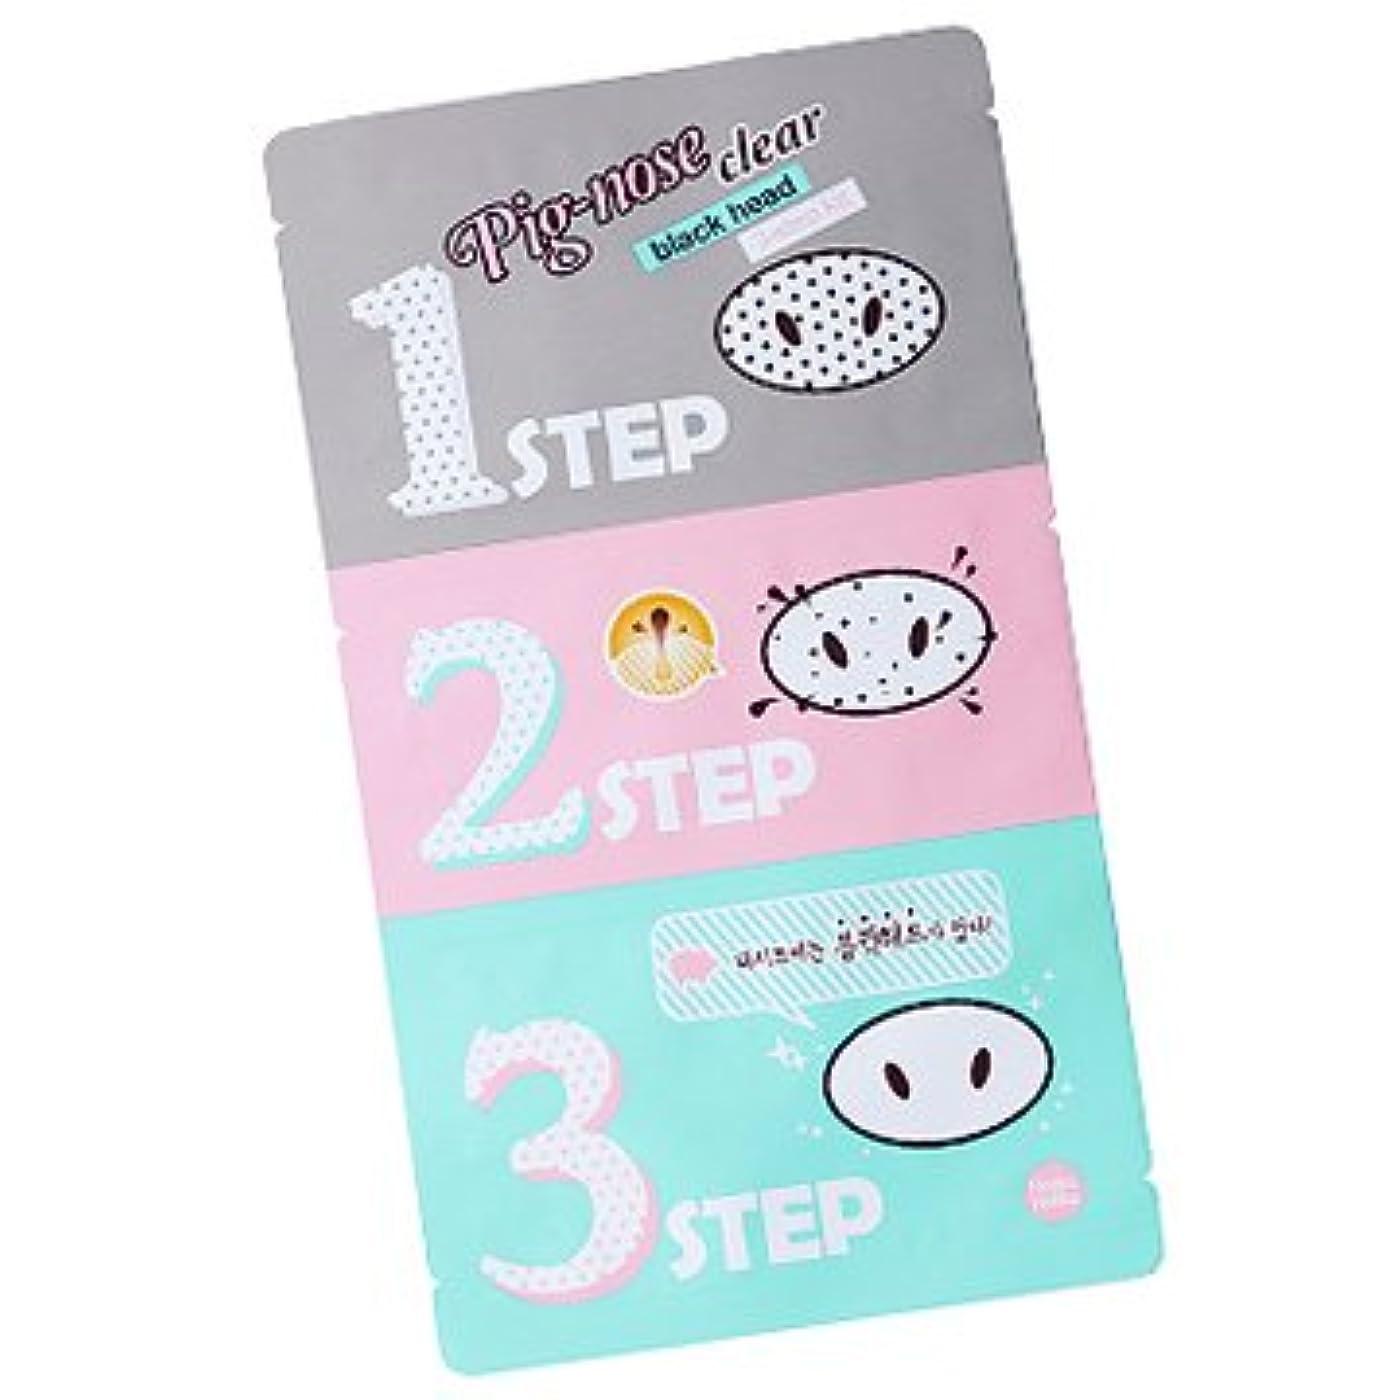 マスク鳩しなければならないHolika Holika Pig Nose Clear Black Head 3-Step Kit 10EA (Nose Pack) ホリカホリカ ピグノーズクリアブラックヘッド3-Stepキット(鼻パック) 10pcs [並行輸入品]